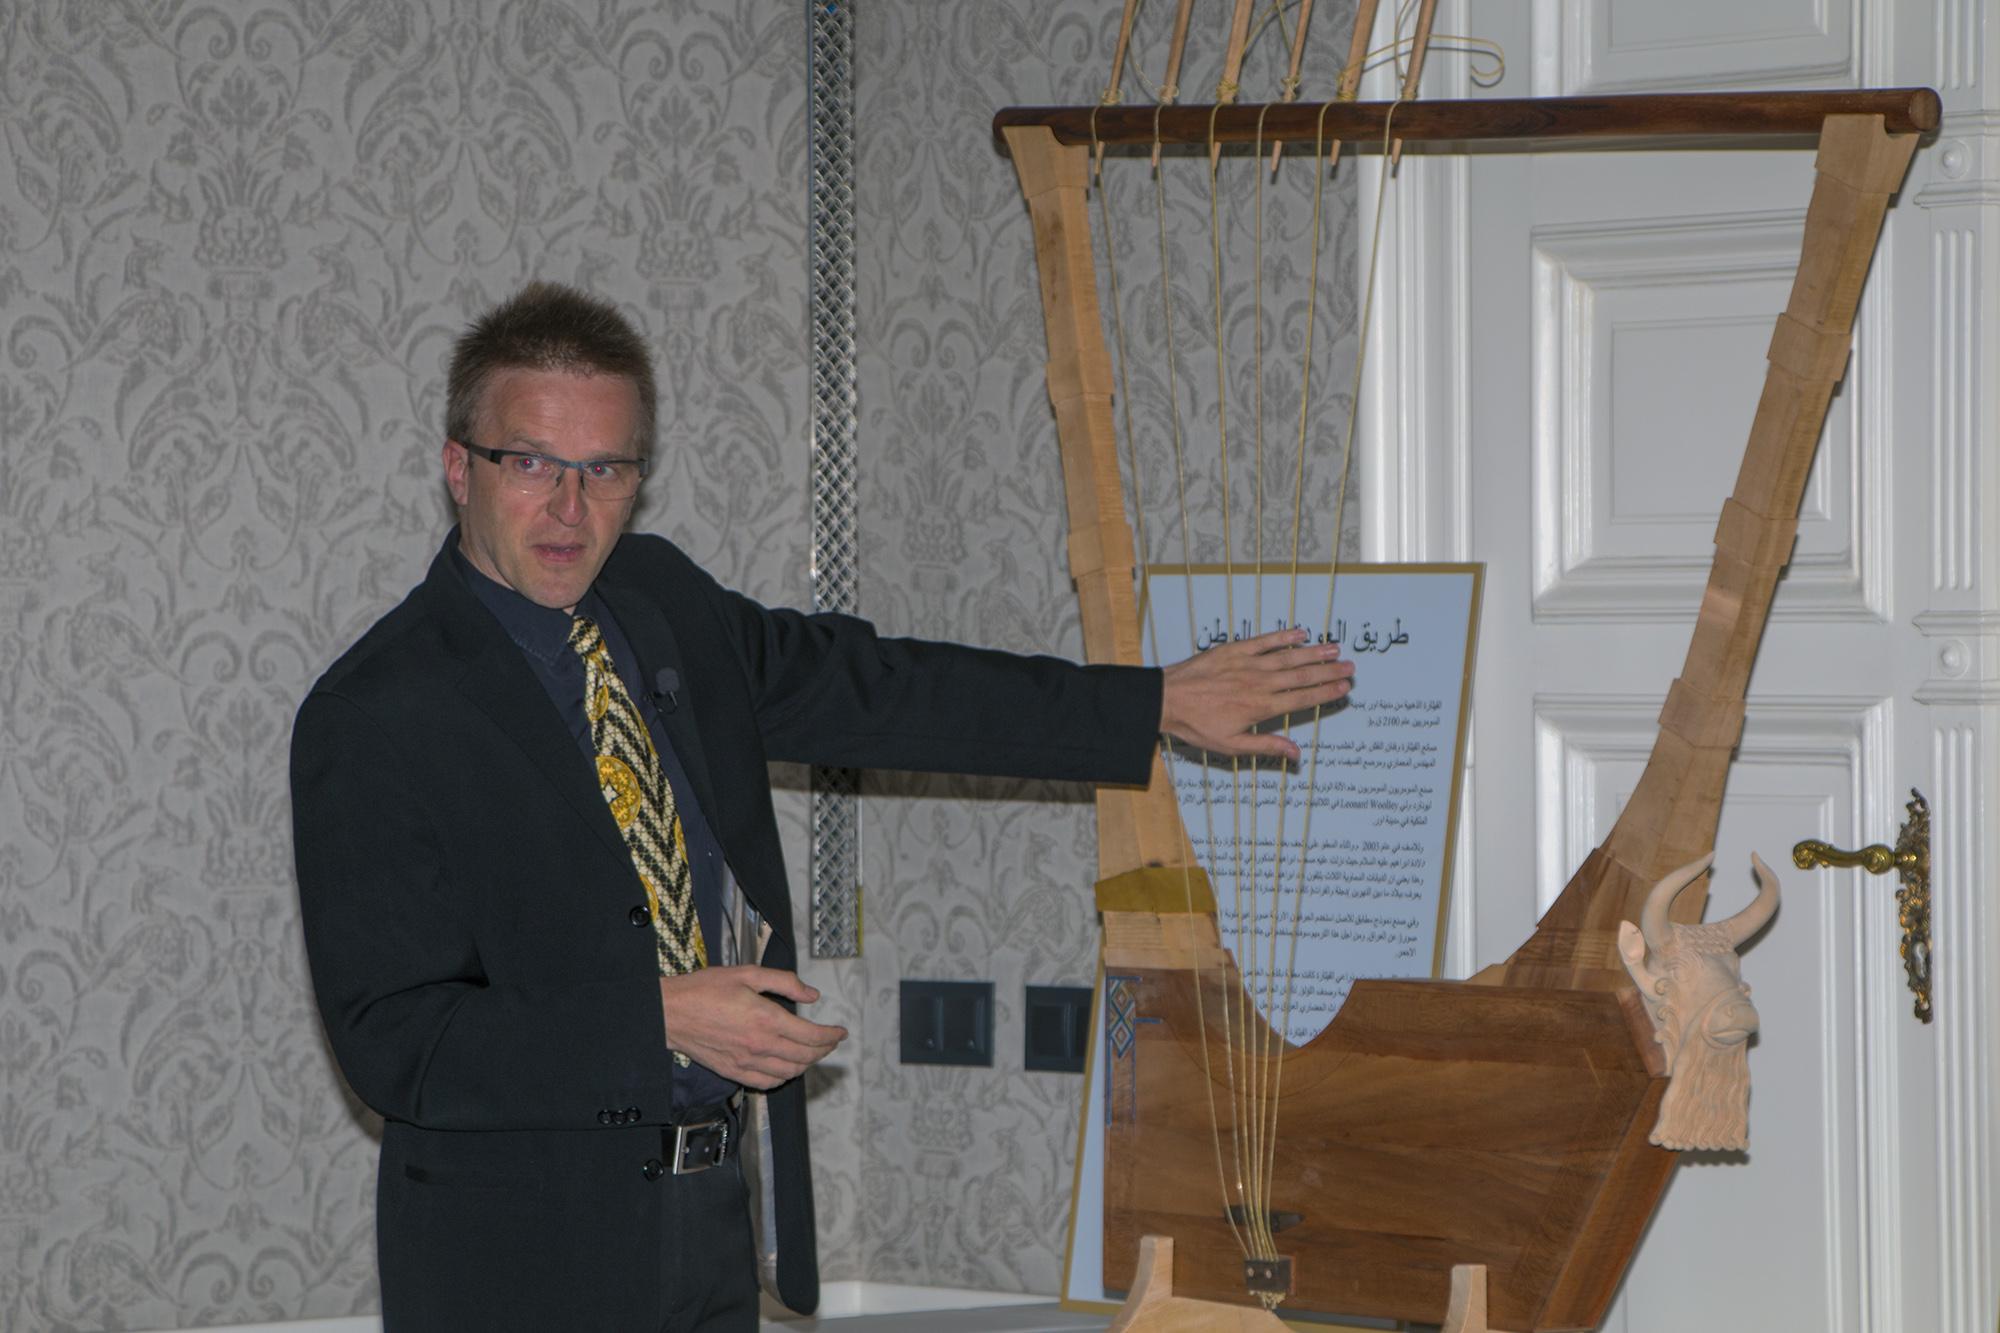 Florian Warum